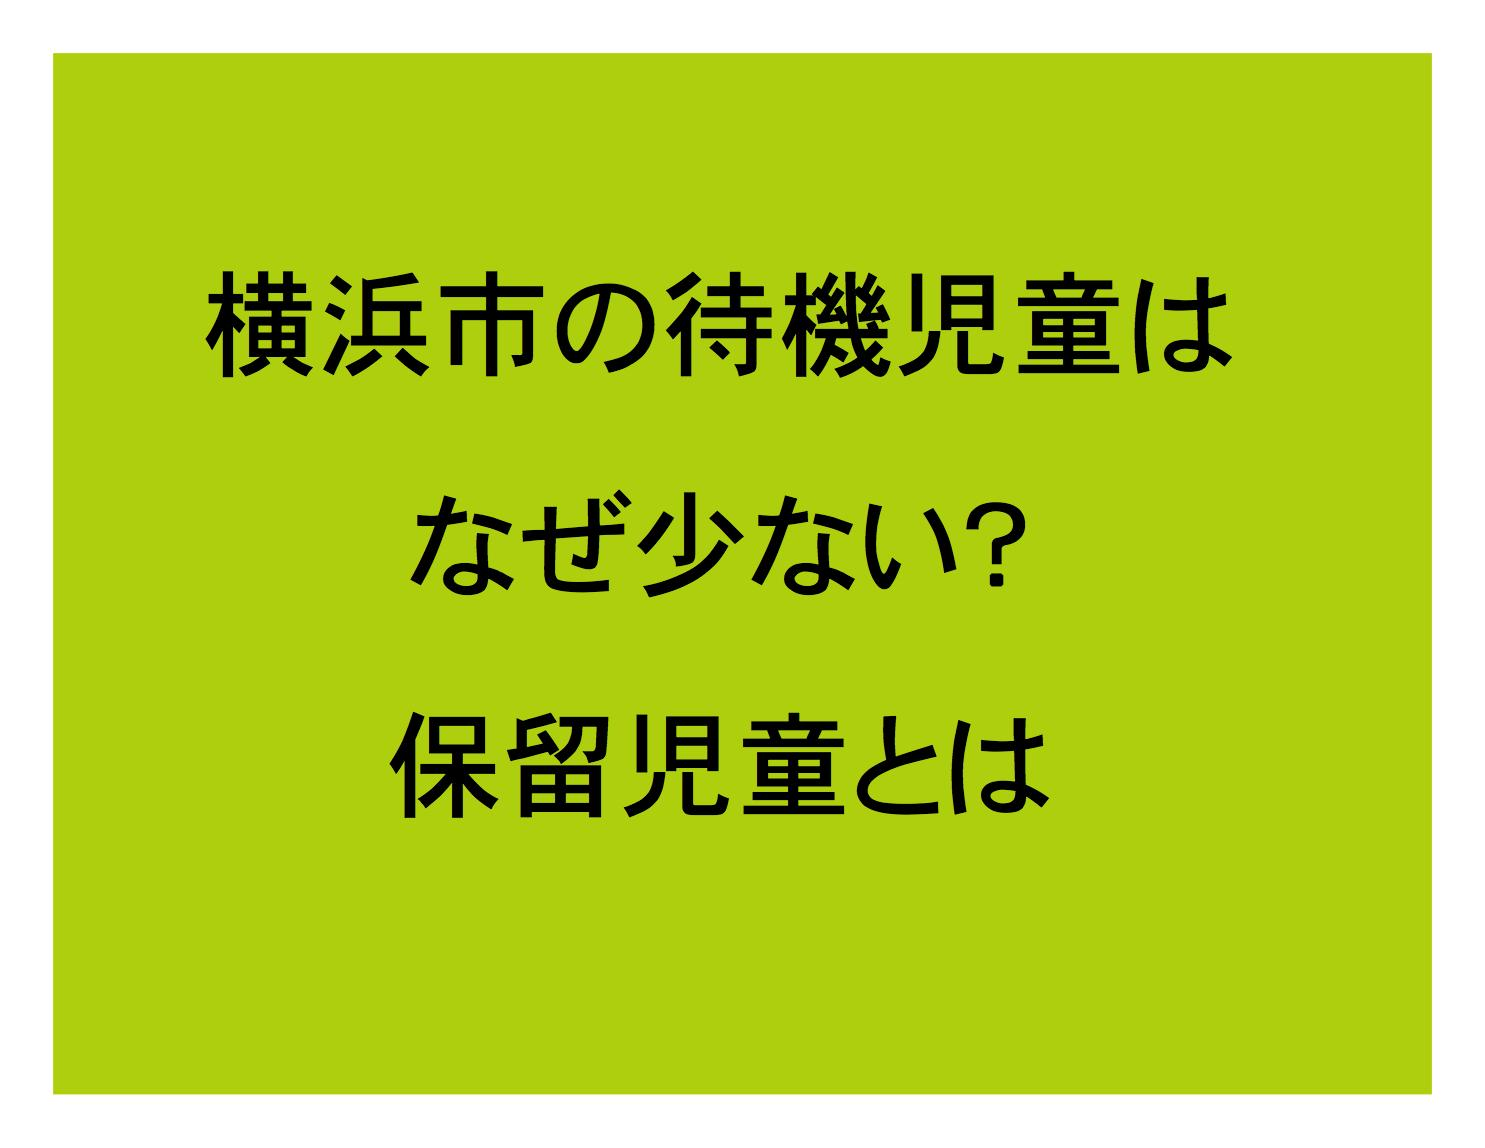 横浜市の待機児童の定義